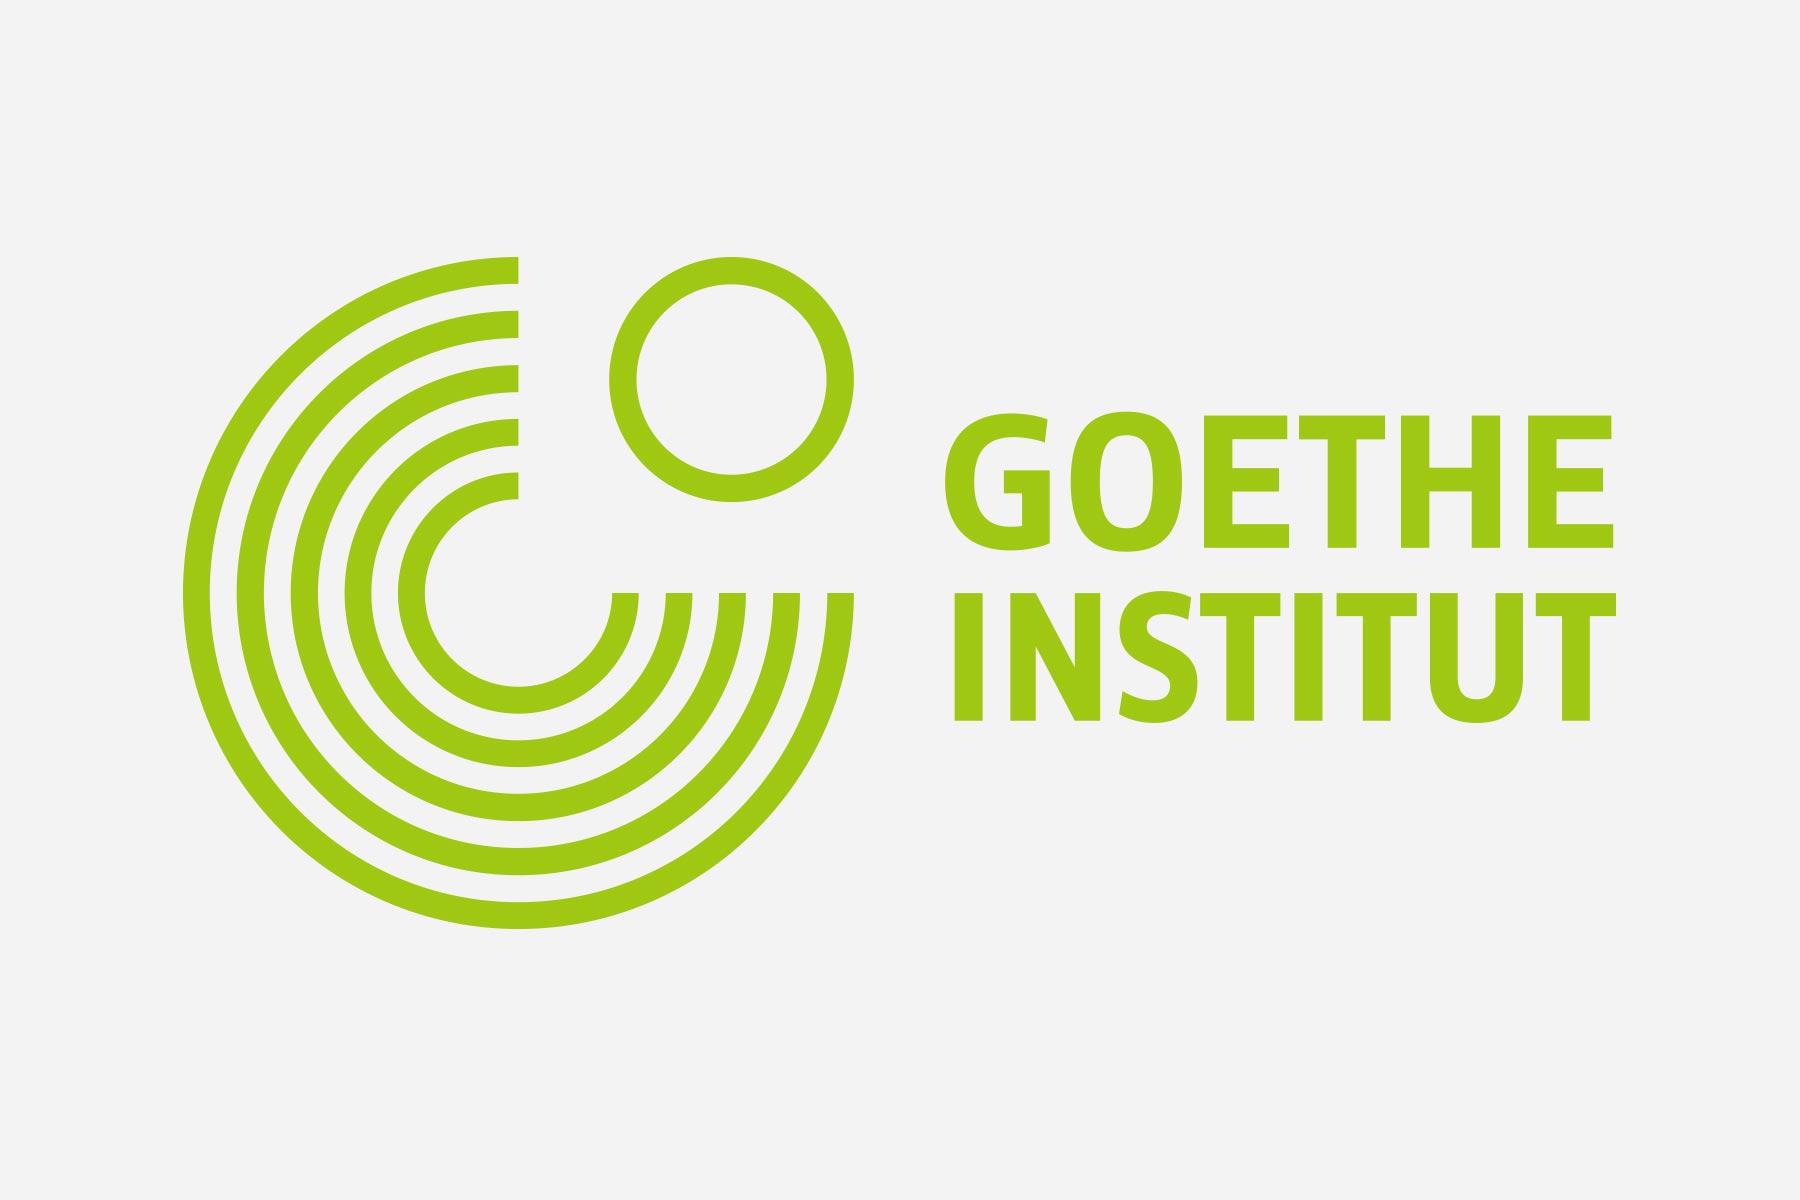 FCA_Goethe